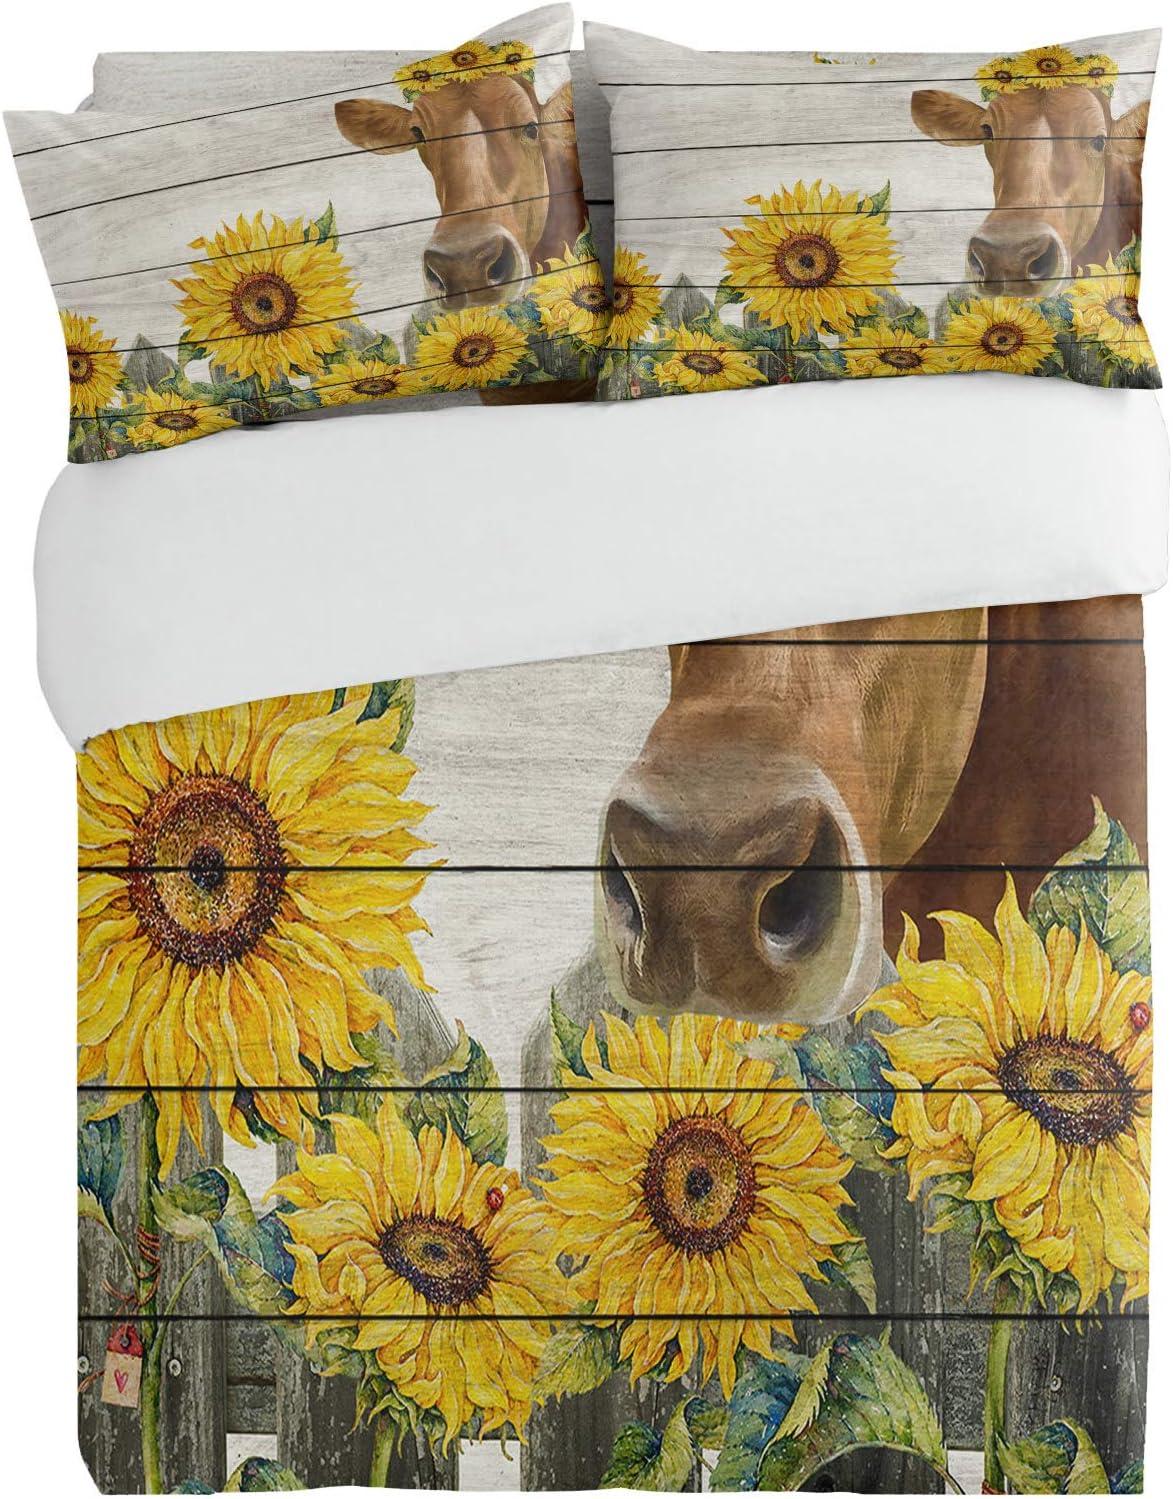 SUN-Shine 3PiecesBeddingDuvetCoverSetSunflower OFFicial shop Special Campaign Farm Cow Su